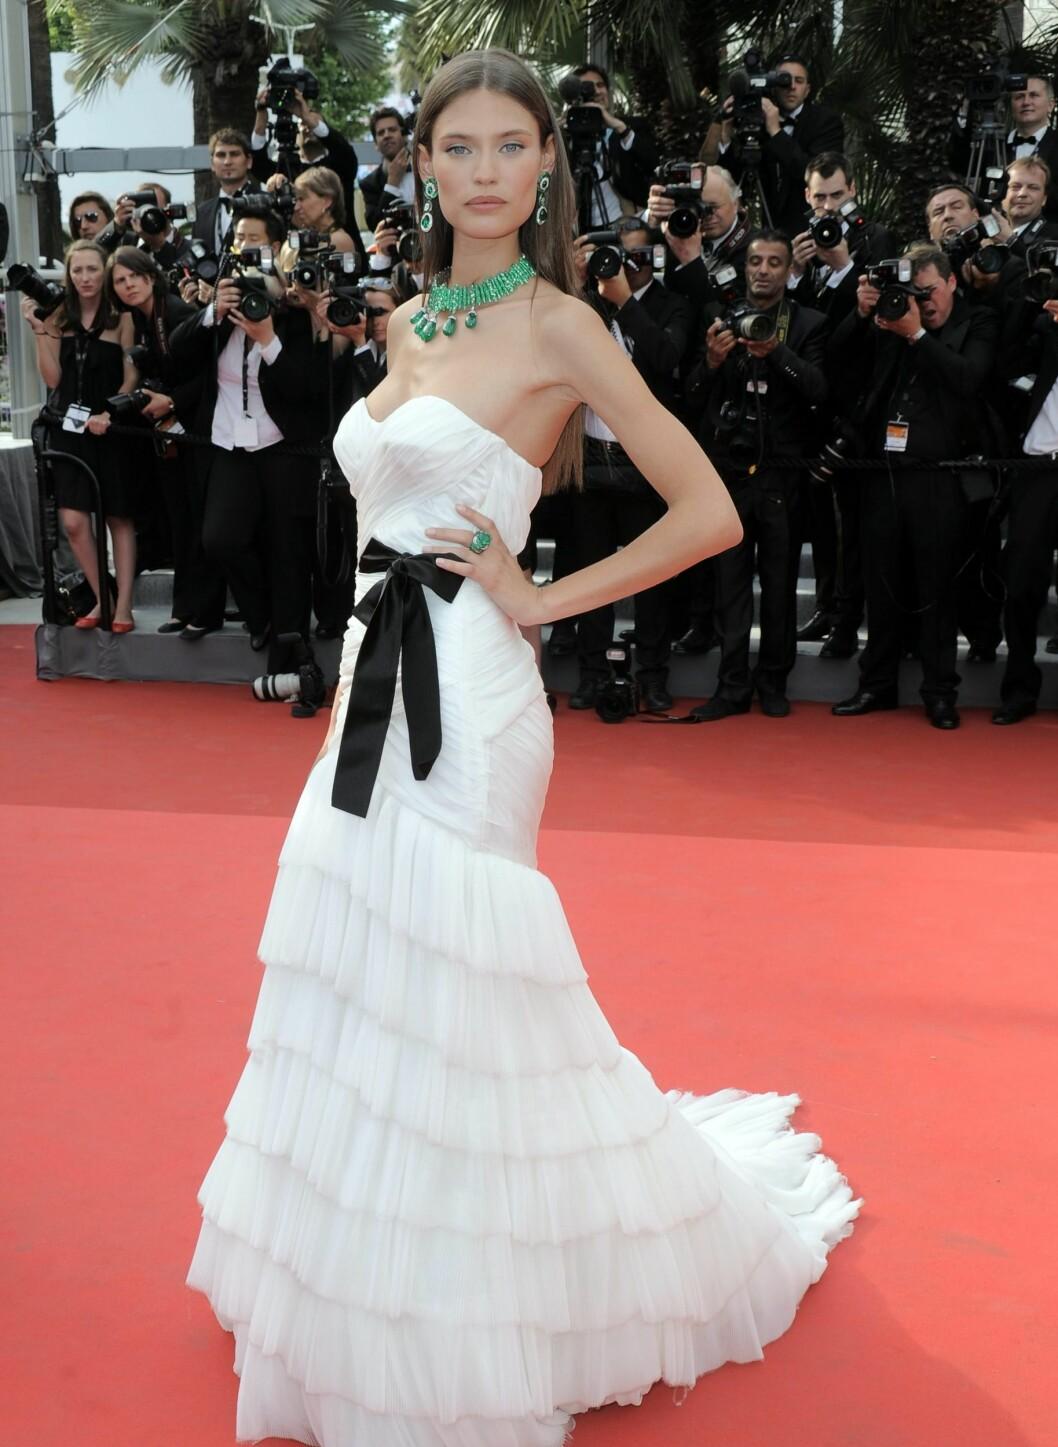 Også Bianca Balti valgte hvitt. Chiffonkjolen fra Alberta Ferretti er en drøm av en bløtkakekjole, med en sexy svart sløyfedetalj i livet.  Foto: All Over Press